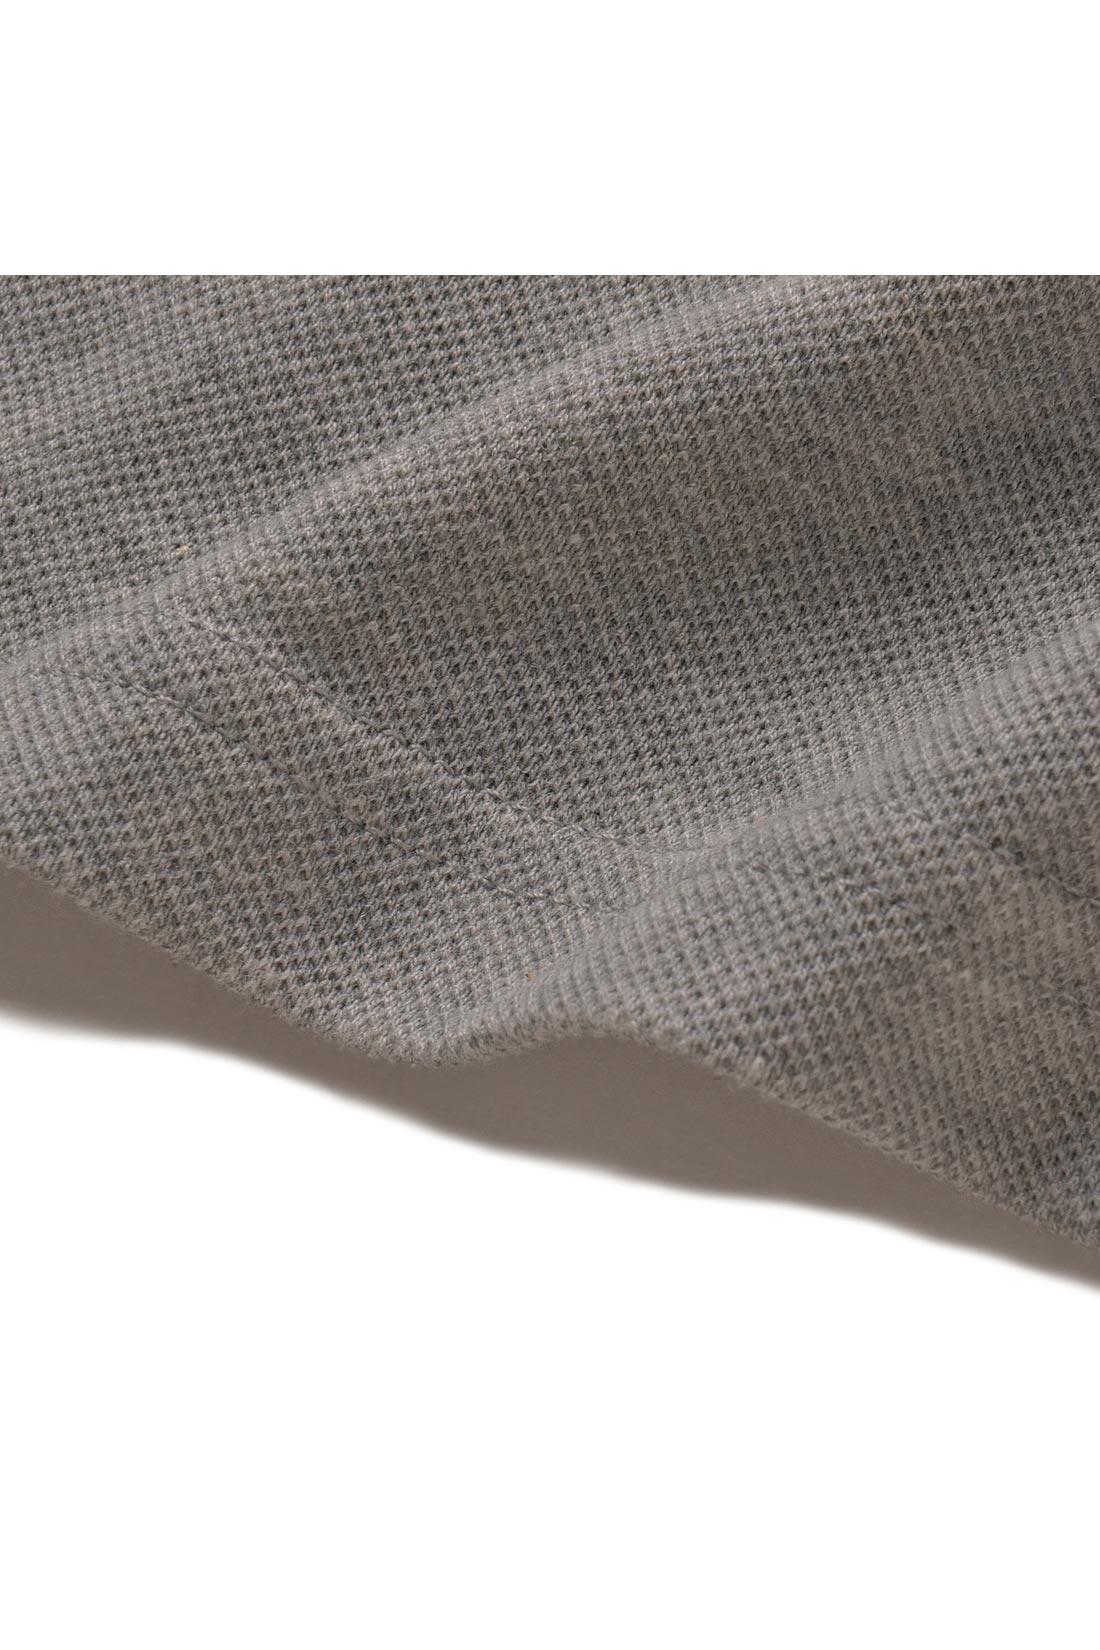 綿ポリエステル素材のかのこで仕上げているから、もたつかず薄すぎないさらっとさわやかな着心地。